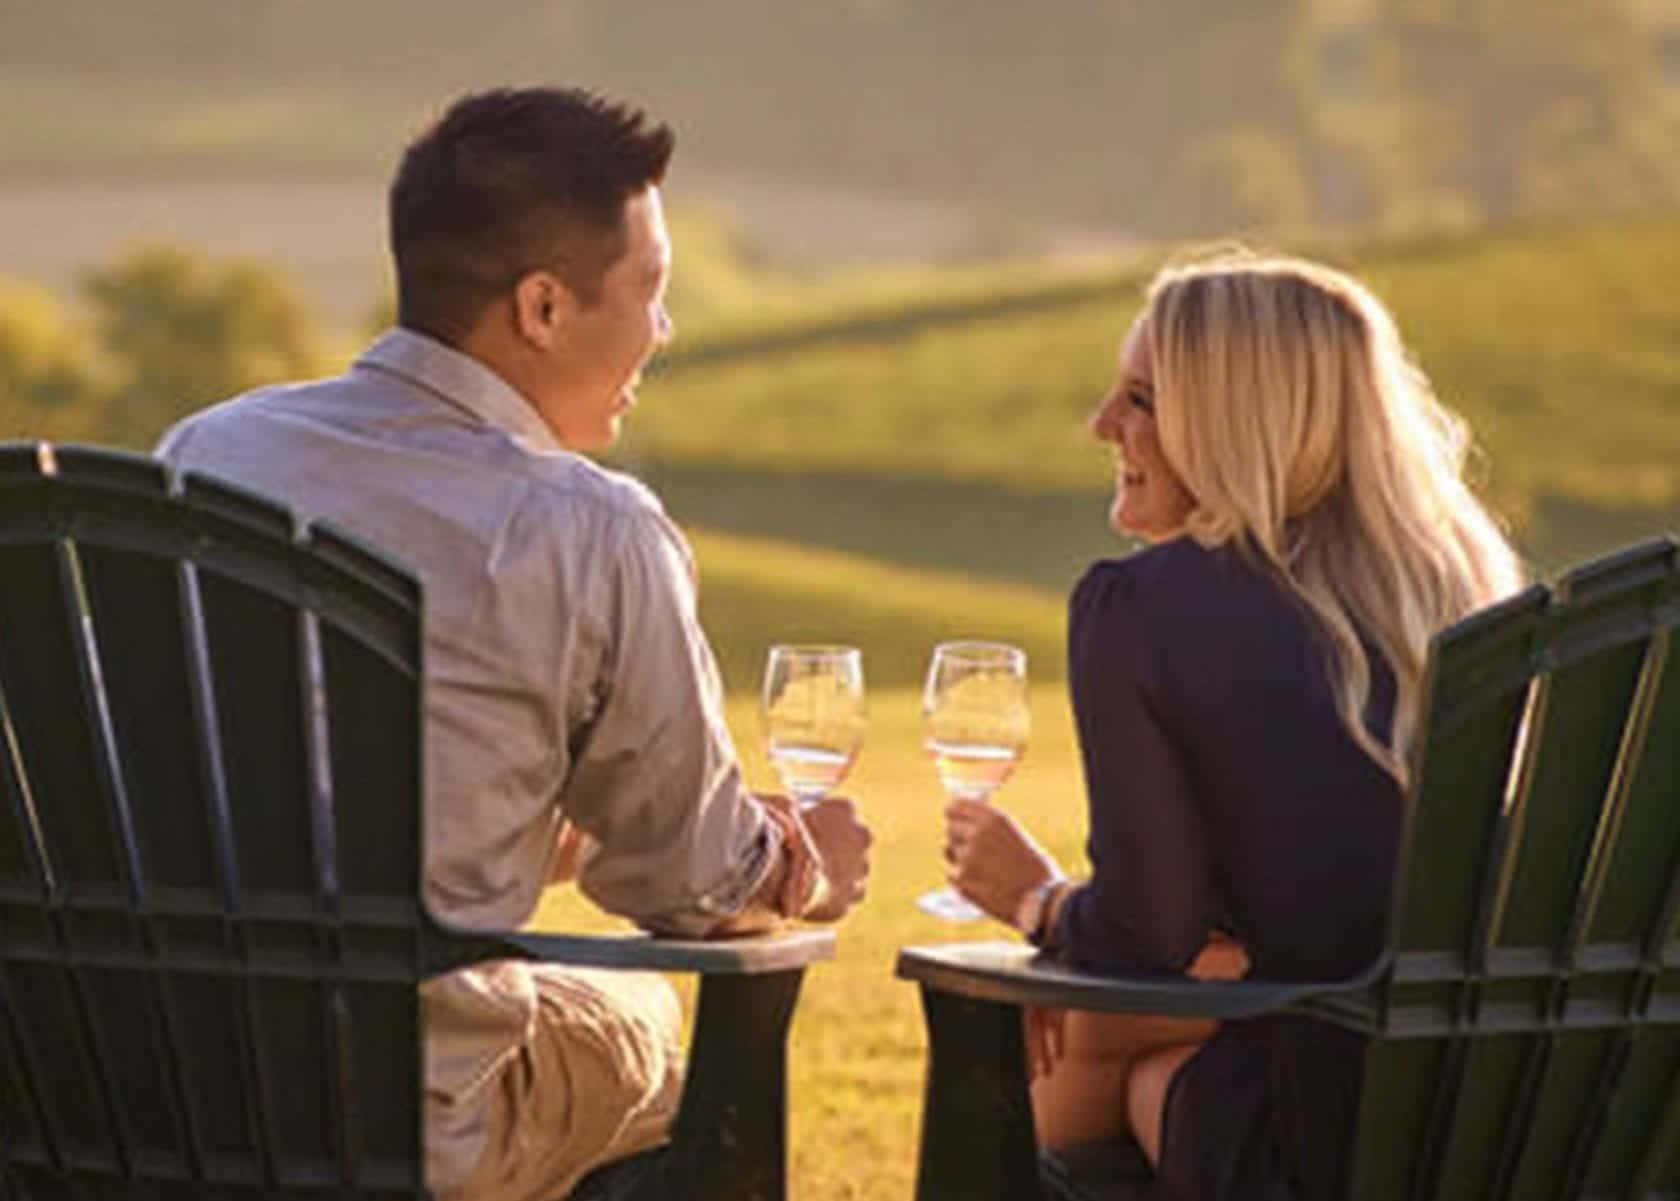 Wine tasting in Lancaster County